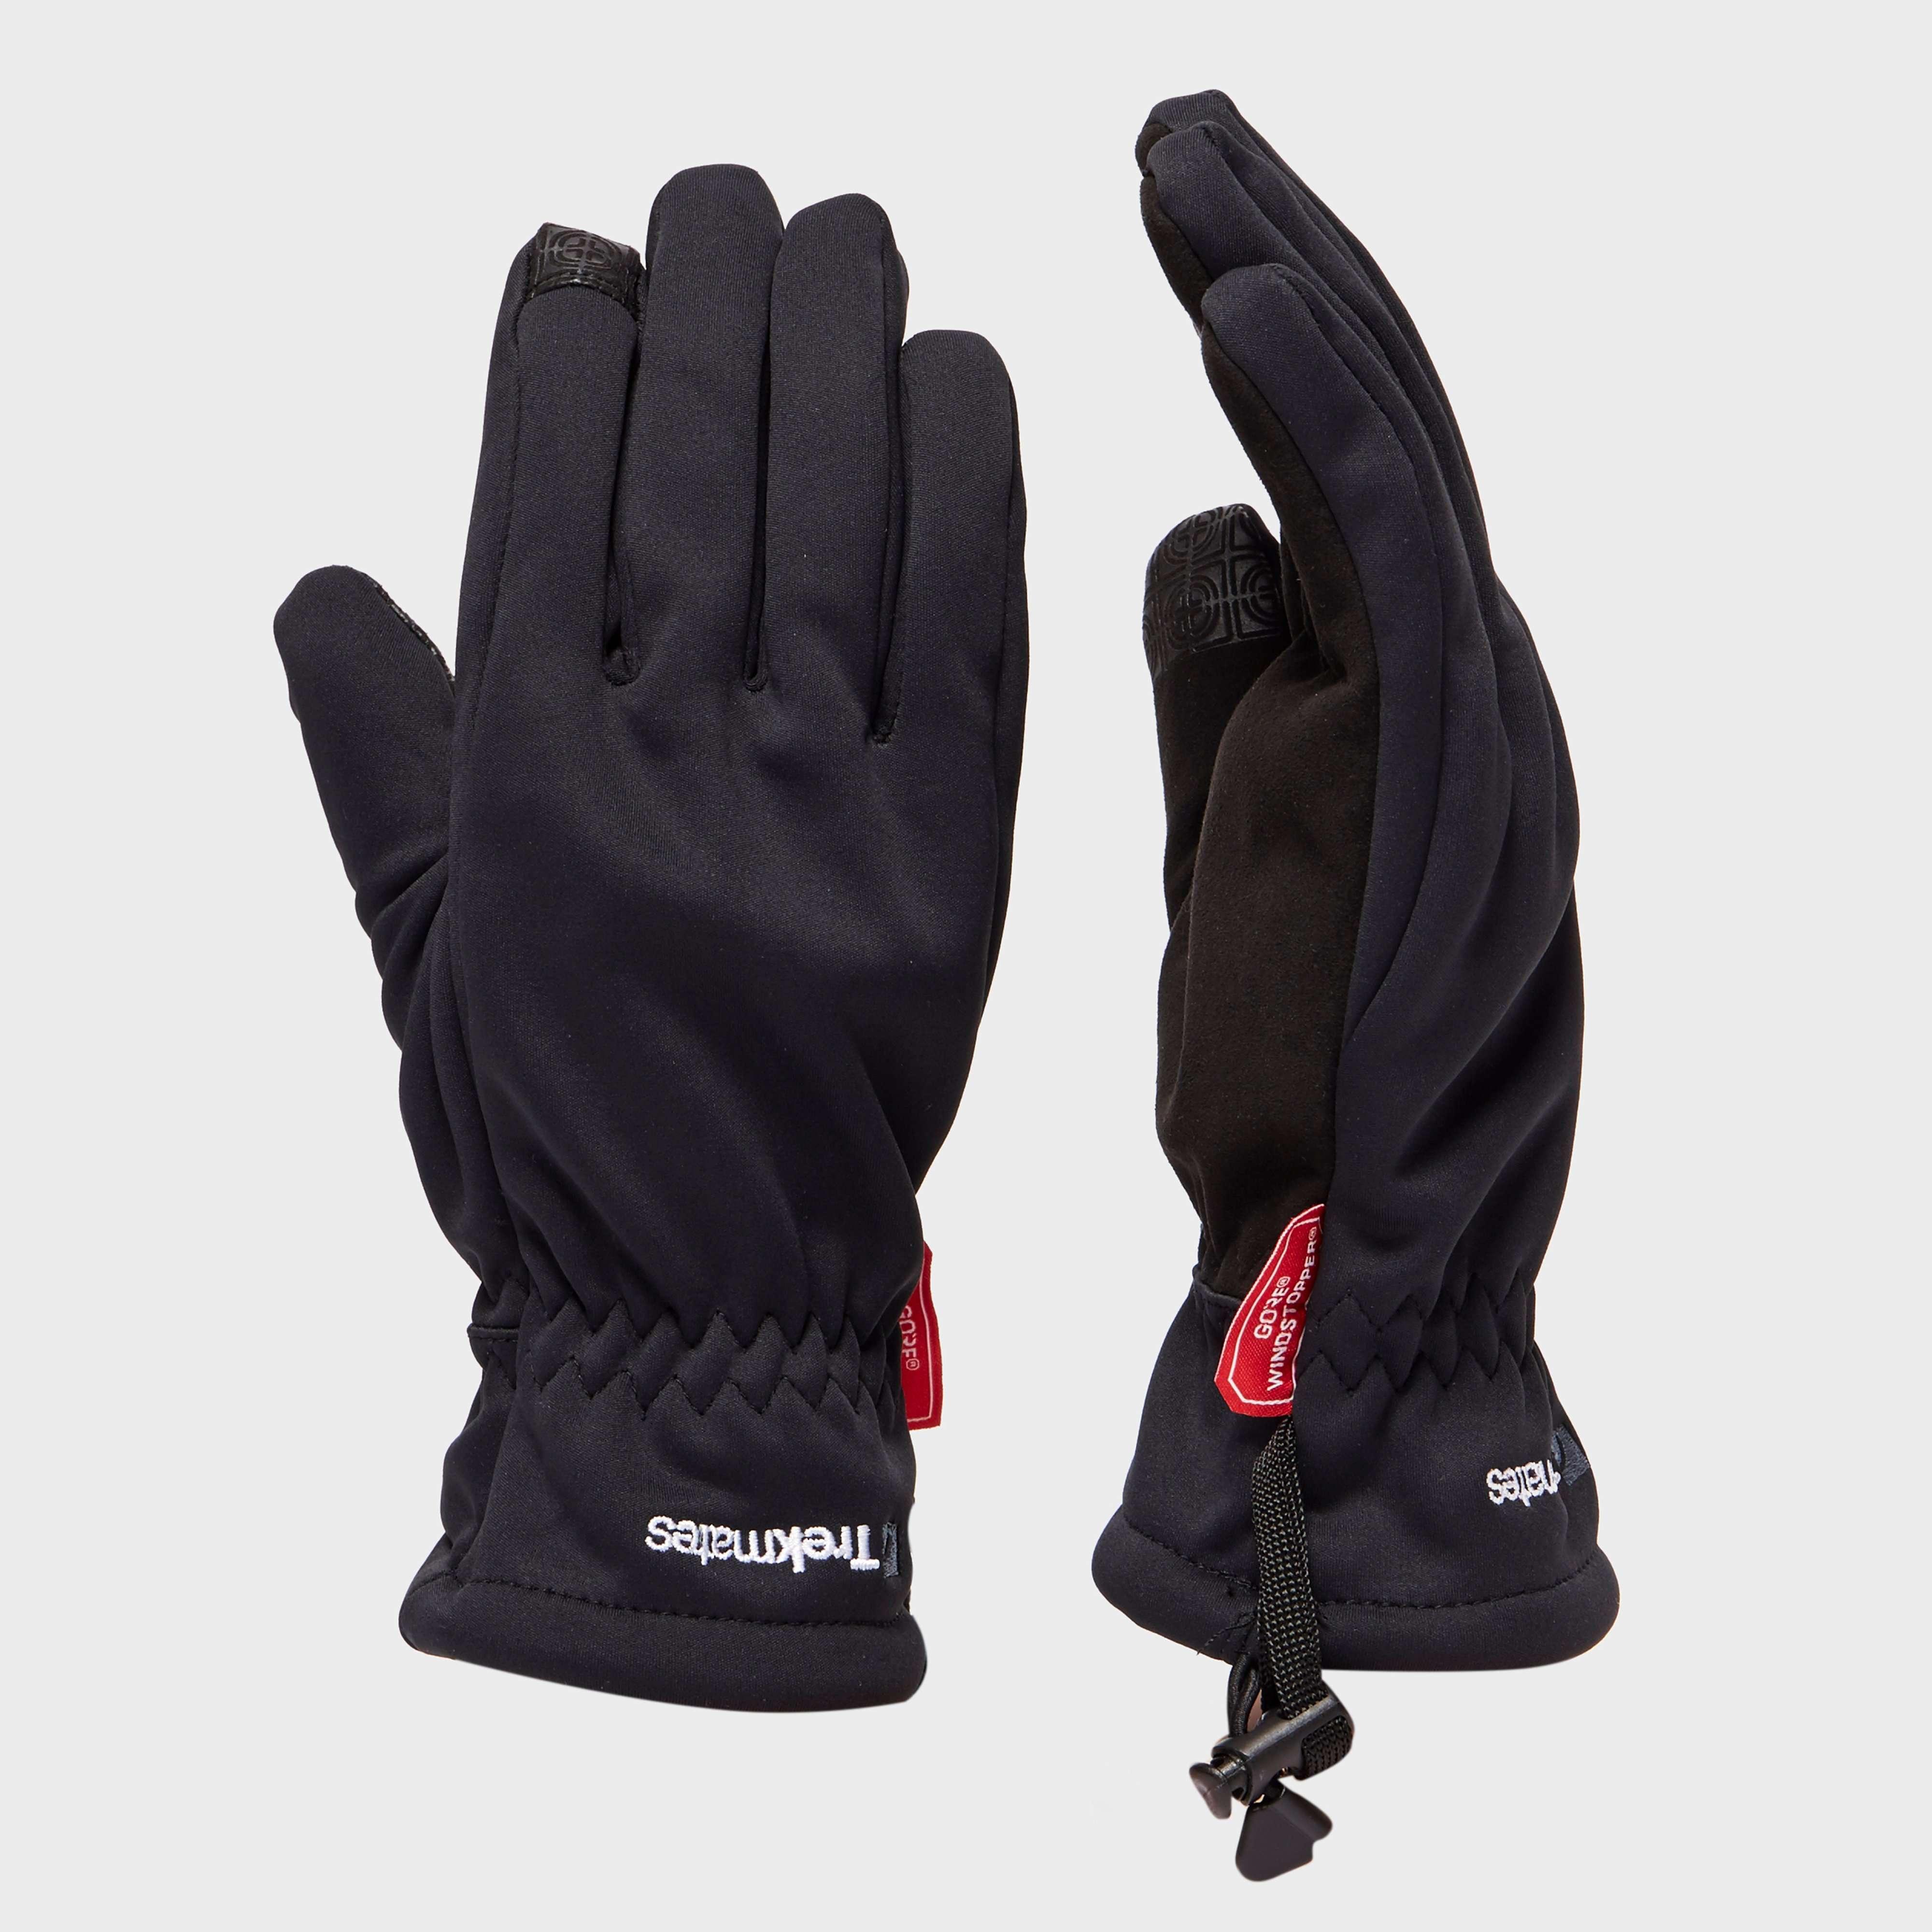 TREKMATES Men's Rigg Windstopper® Ski Gloves